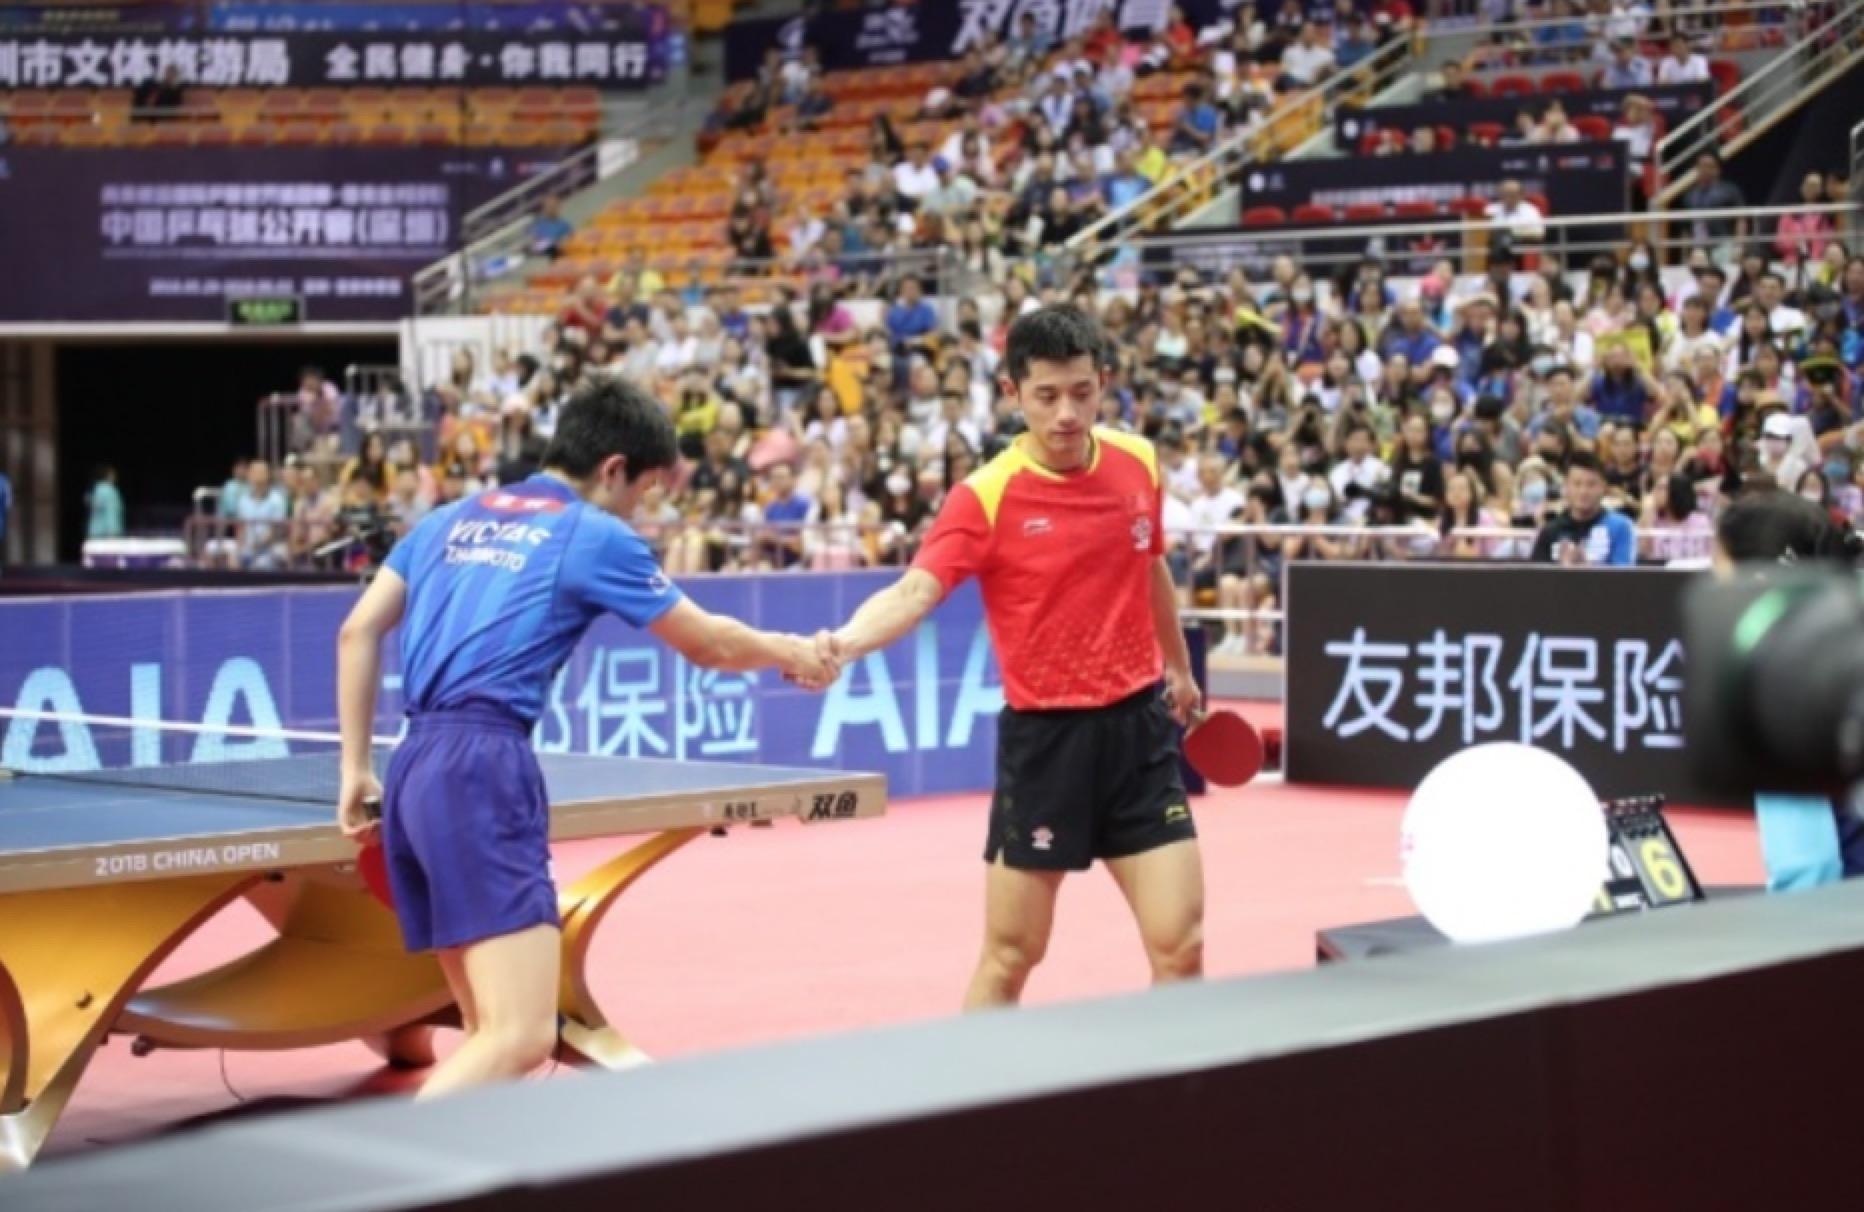 国乒世界冠军横扫张本智和为张继科复仇 林高远10